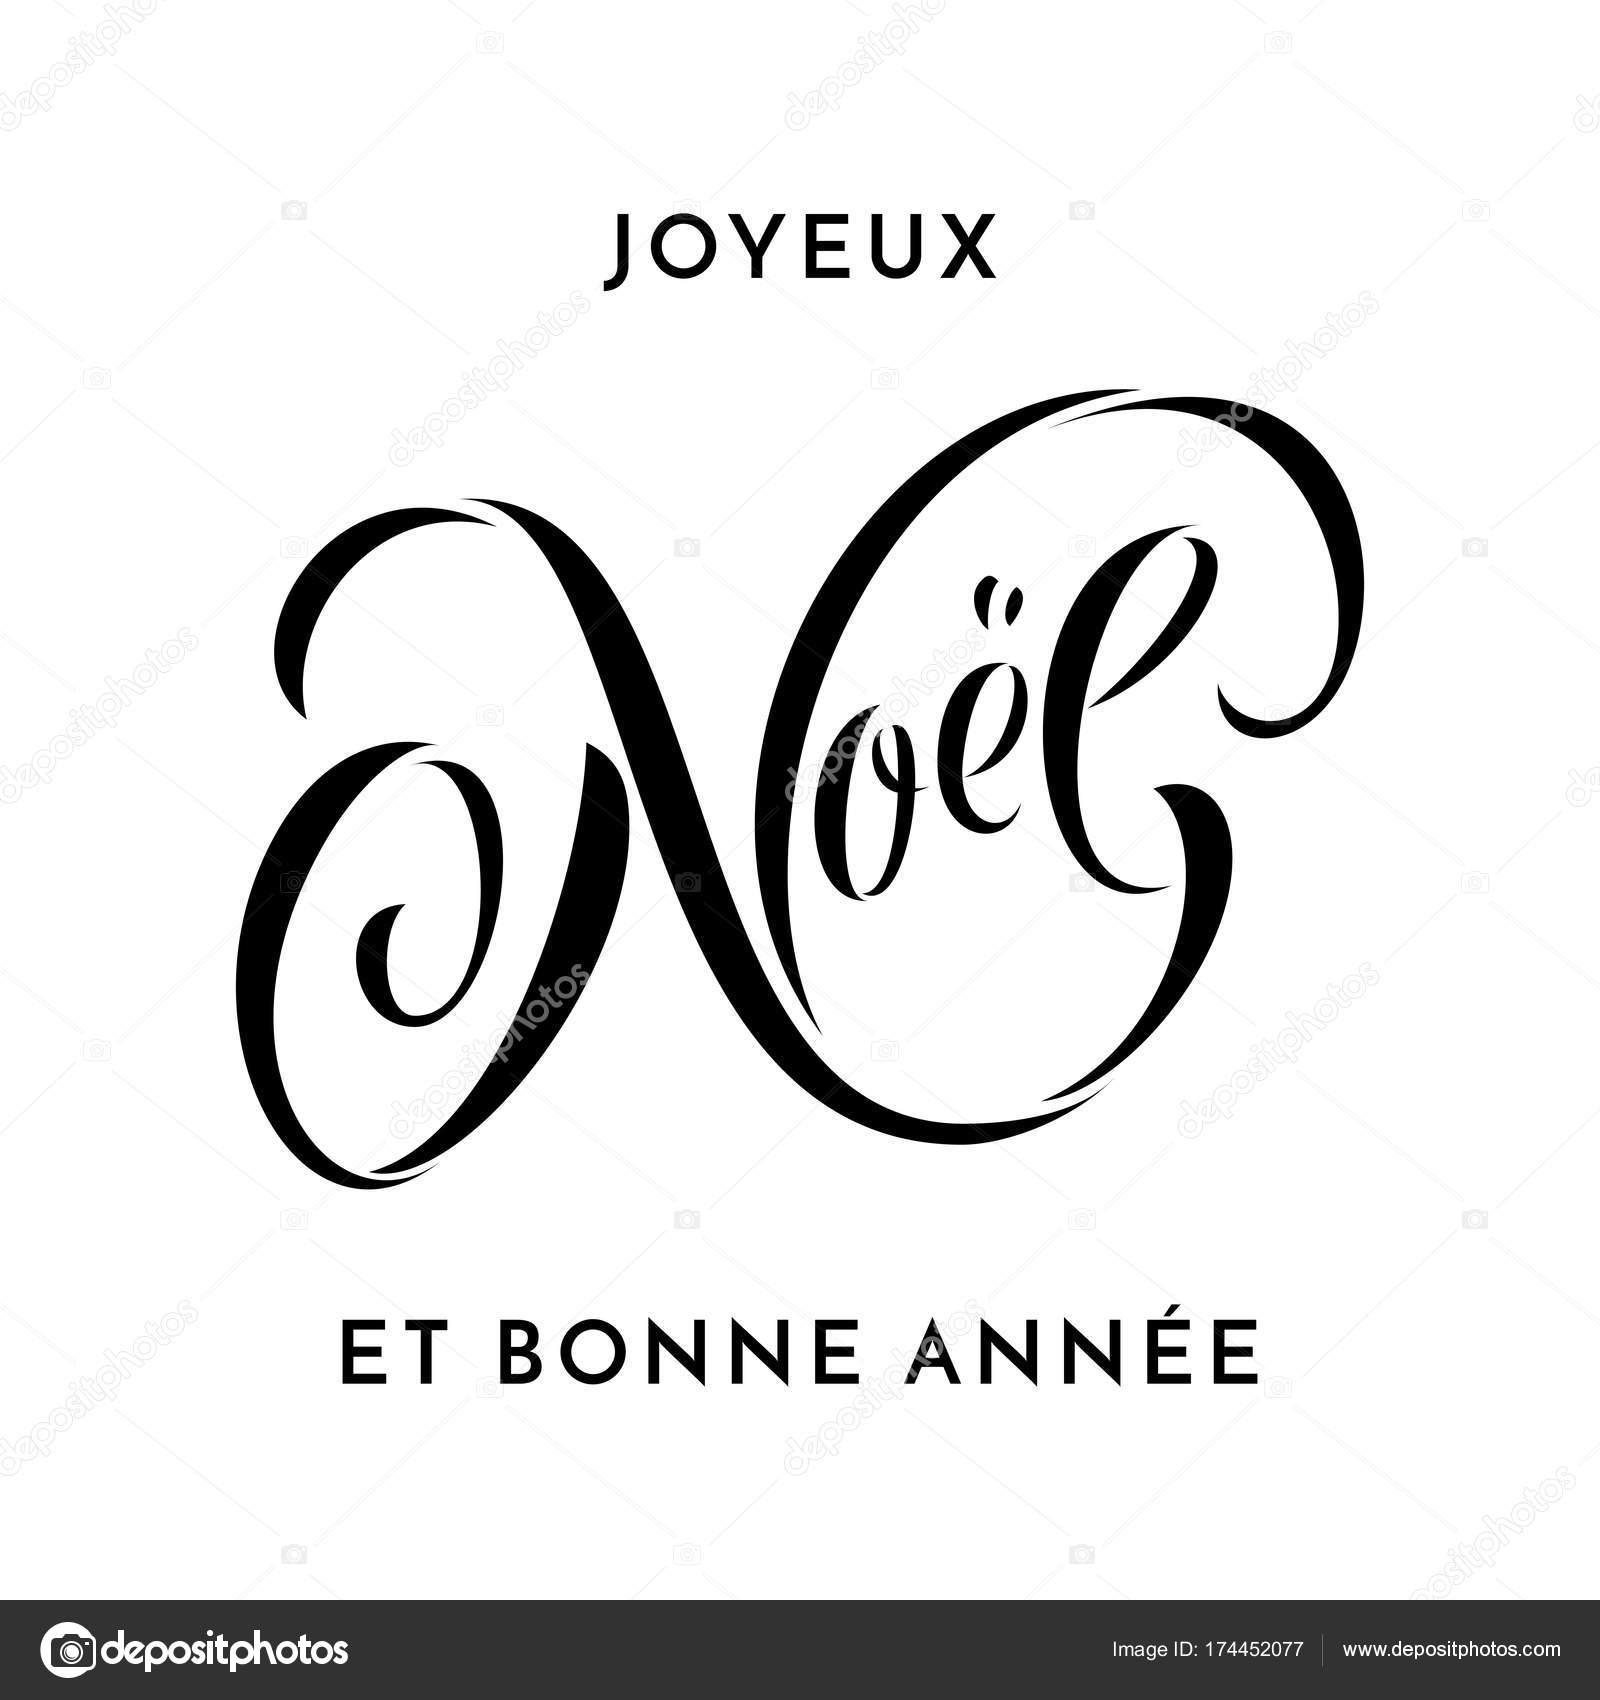 Auguri Di Buon Natale E Felice Anno Nuovo In Francese.Buon Natale E Felice Anno Nuovo Joyeux Noel Et Bonne Annee